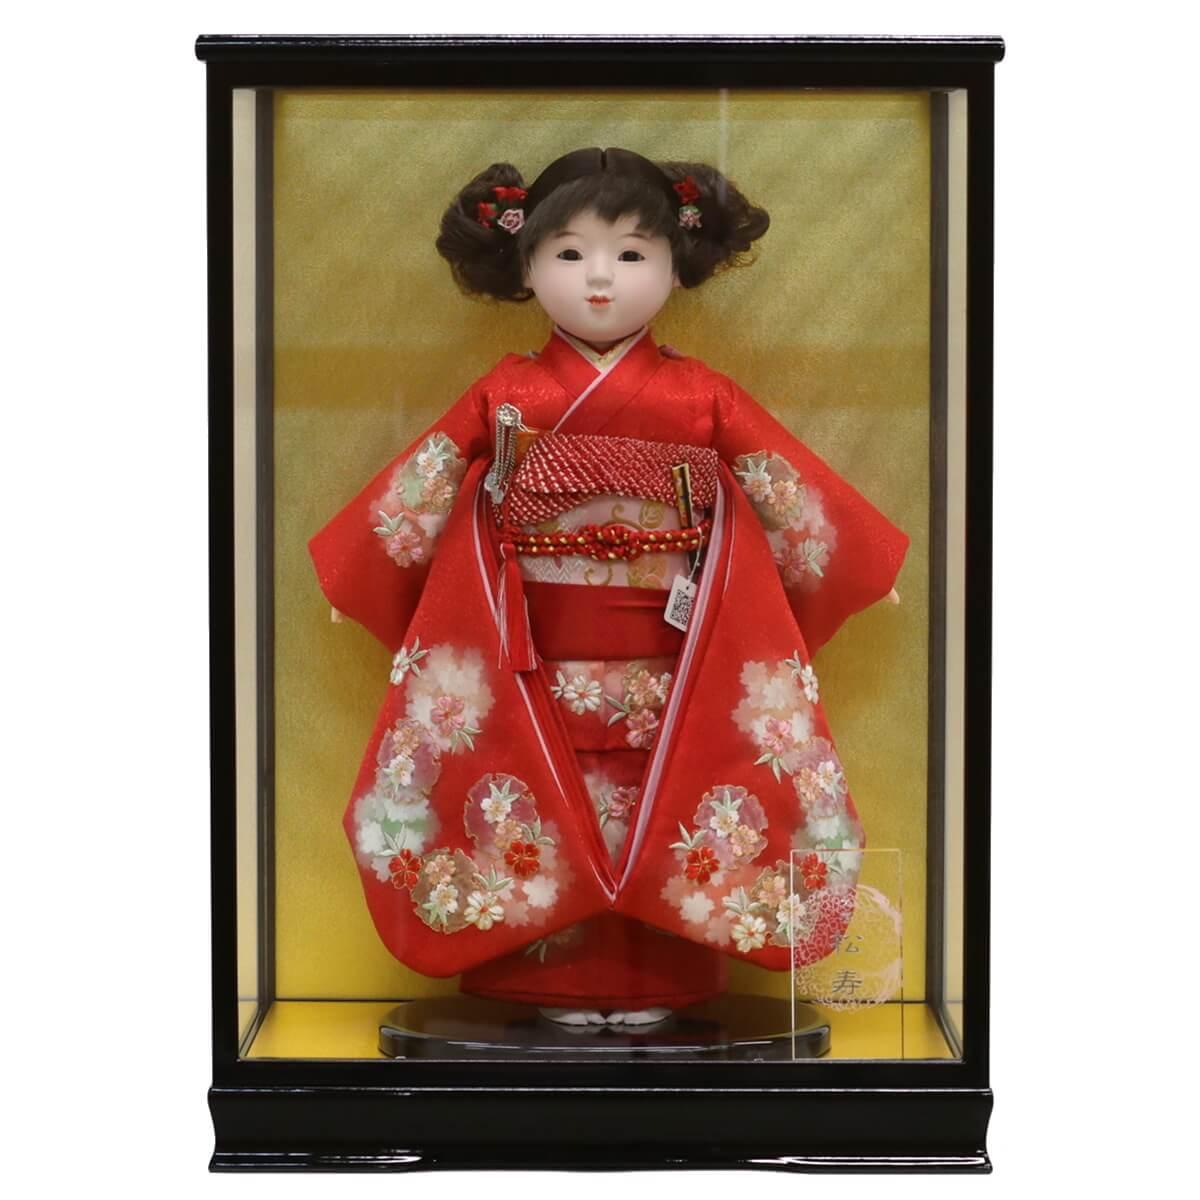 雛人形 松寿 コンパクト 市松人形 松寿作 市松人形 切嵌京刺繍 ケース入り (HB9) 市松 ICMY-BC12-43-C (HB9)ひな人形 かわいい おしゃれ インテリア ひな人形 小さい ミニ